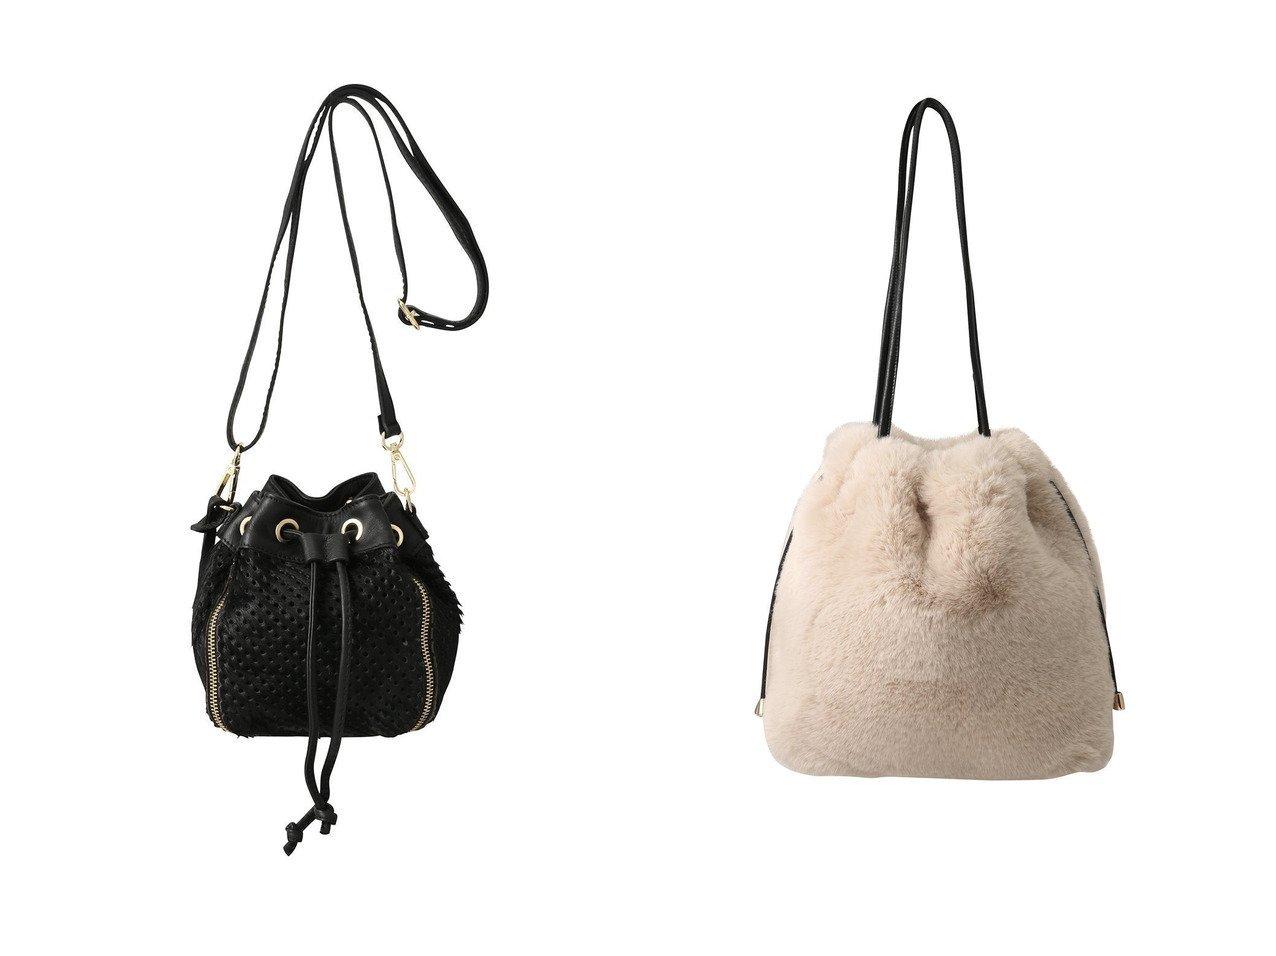 【Faviora Class/ファビオラ クラス】の【Faviora】フェイクファーバック&【1er Arrondissement/プルミエ アロンディスモン】の【BEVINI】ヘアカーフ2WAYショルダーバッグ バッグのおすすめ!人気、レディースファッションの通販  おすすめで人気のファッション通販商品 インテリア・家具・キッズファッション・メンズファッション・レディースファッション・服の通販 founy(ファニー) https://founy.com/ ファッション Fashion レディース WOMEN バッグ Bag コンパクト ジップ ドット バケツ 巾着 シェイプ ハンドバッグ モコモコ |ID:crp329100000000421